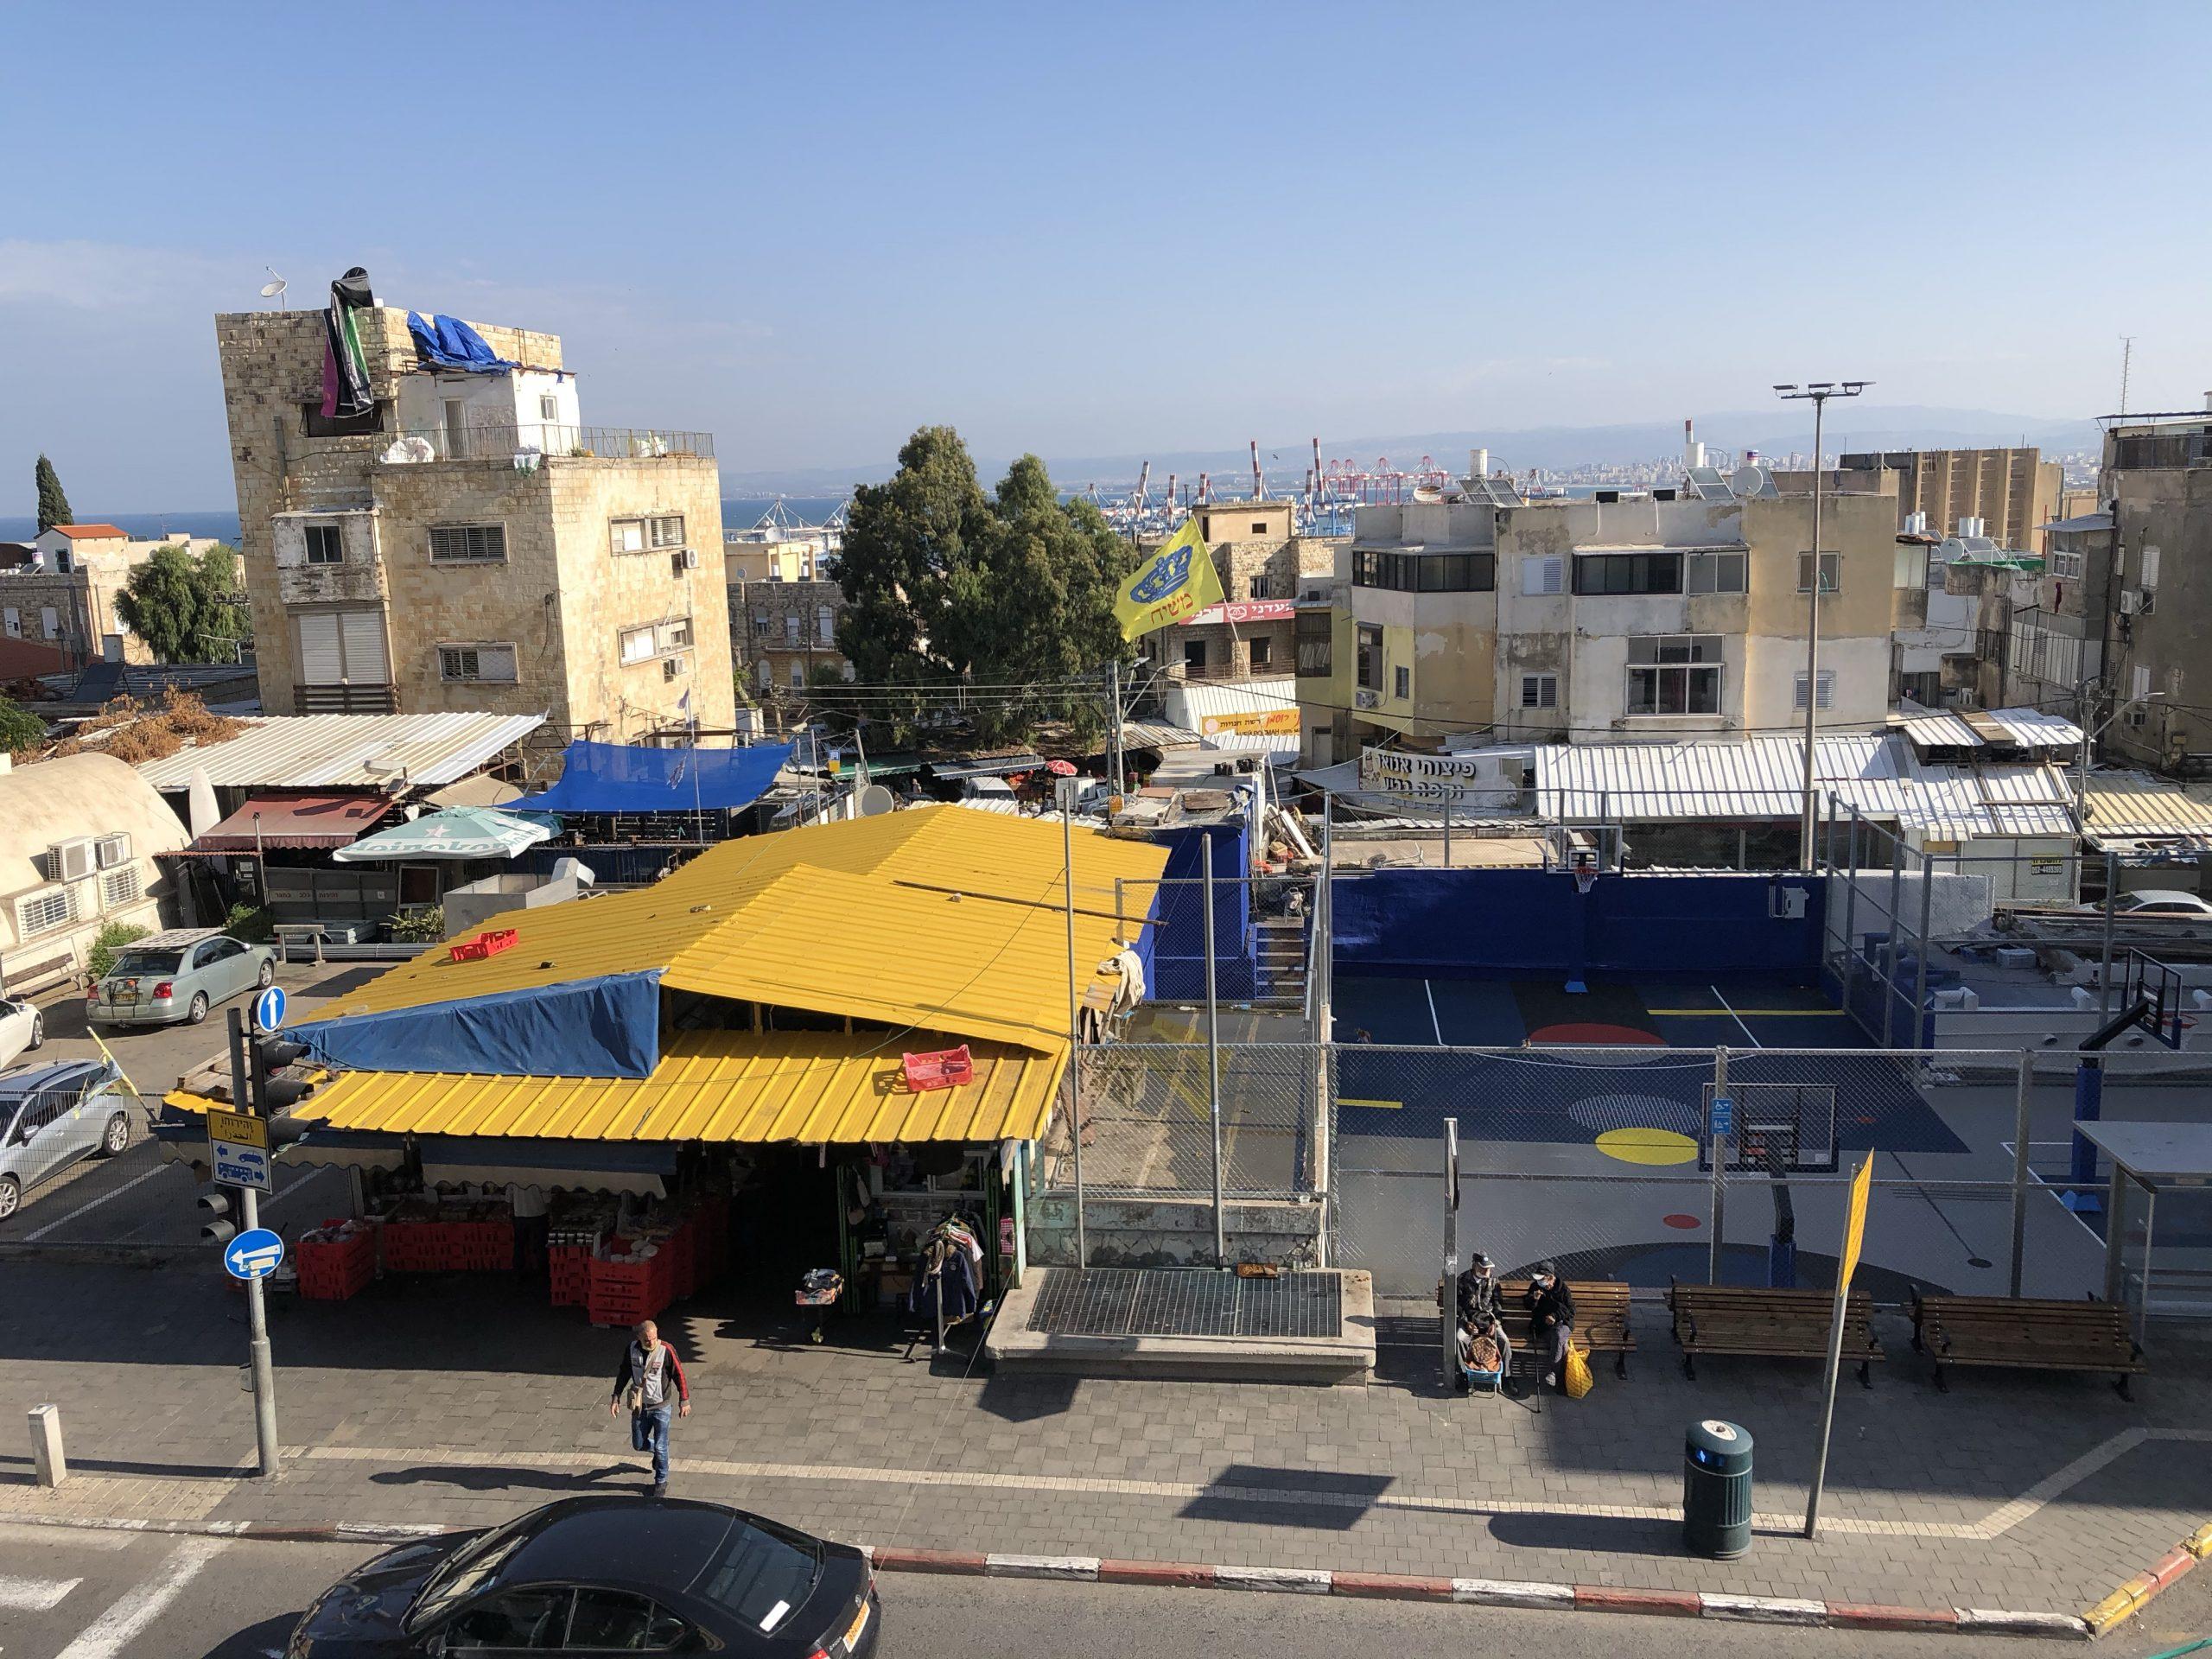 Entrance to Talpiot Market in Haifa